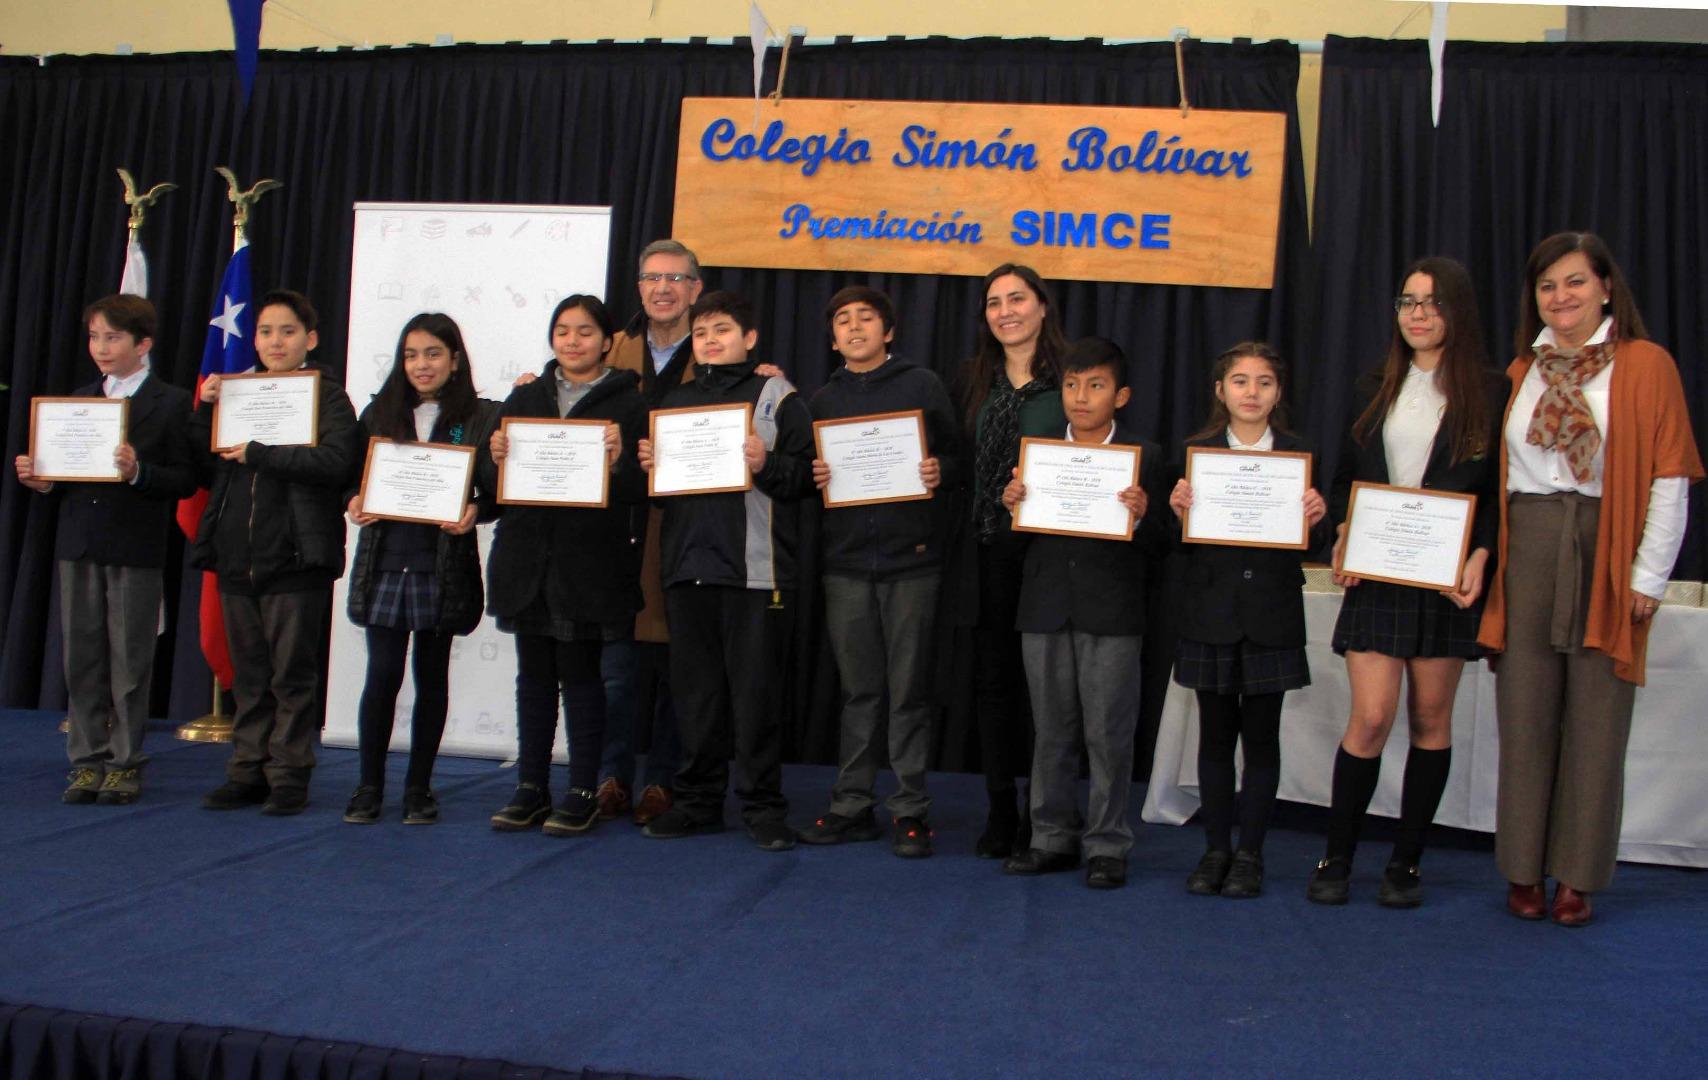 Alcalde premia a cursos destacados en Simce